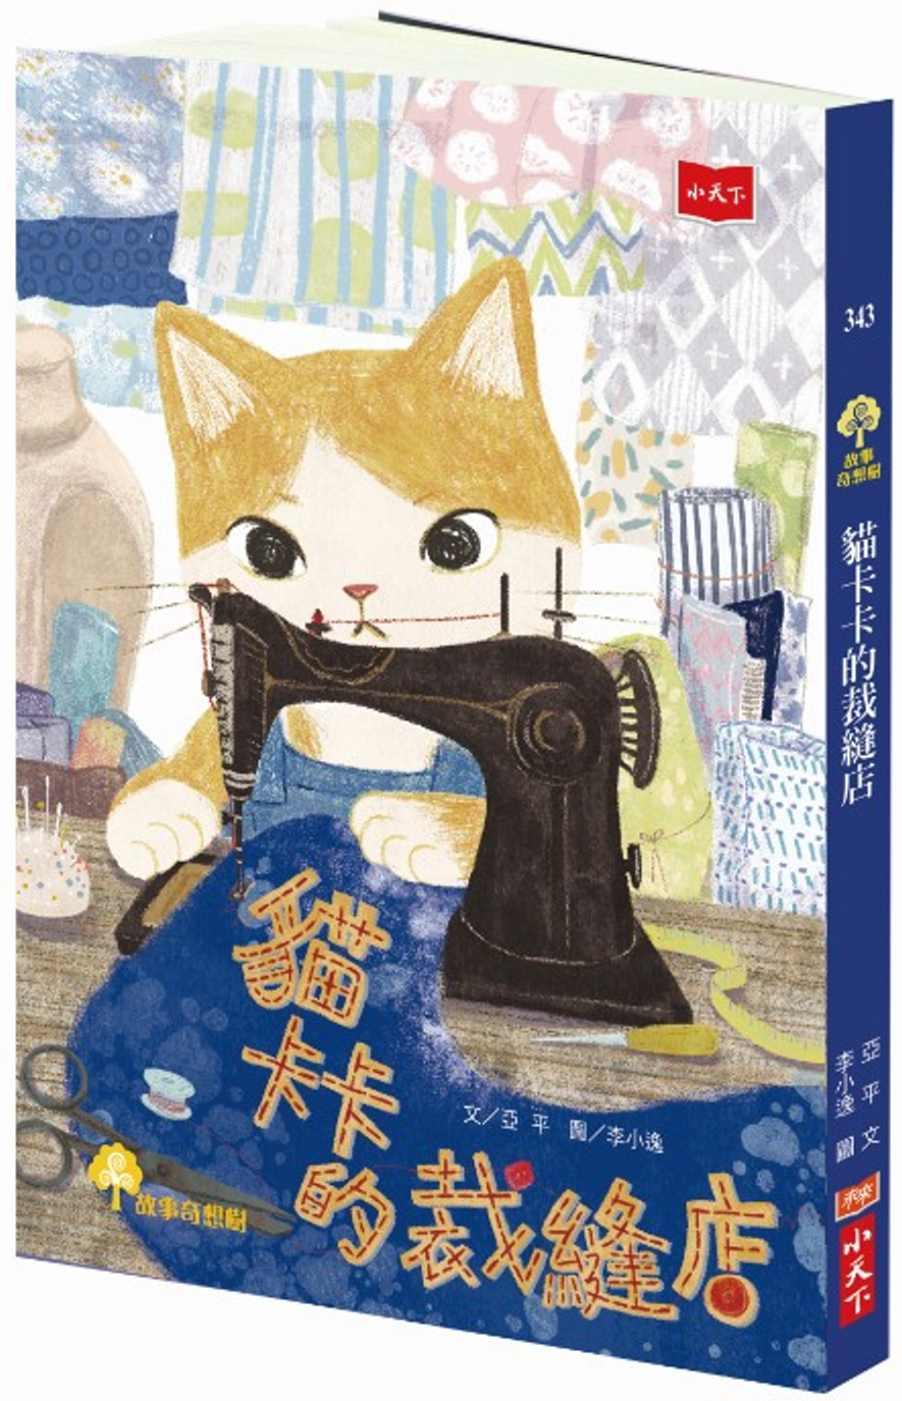 貓卡卡的裁縫店